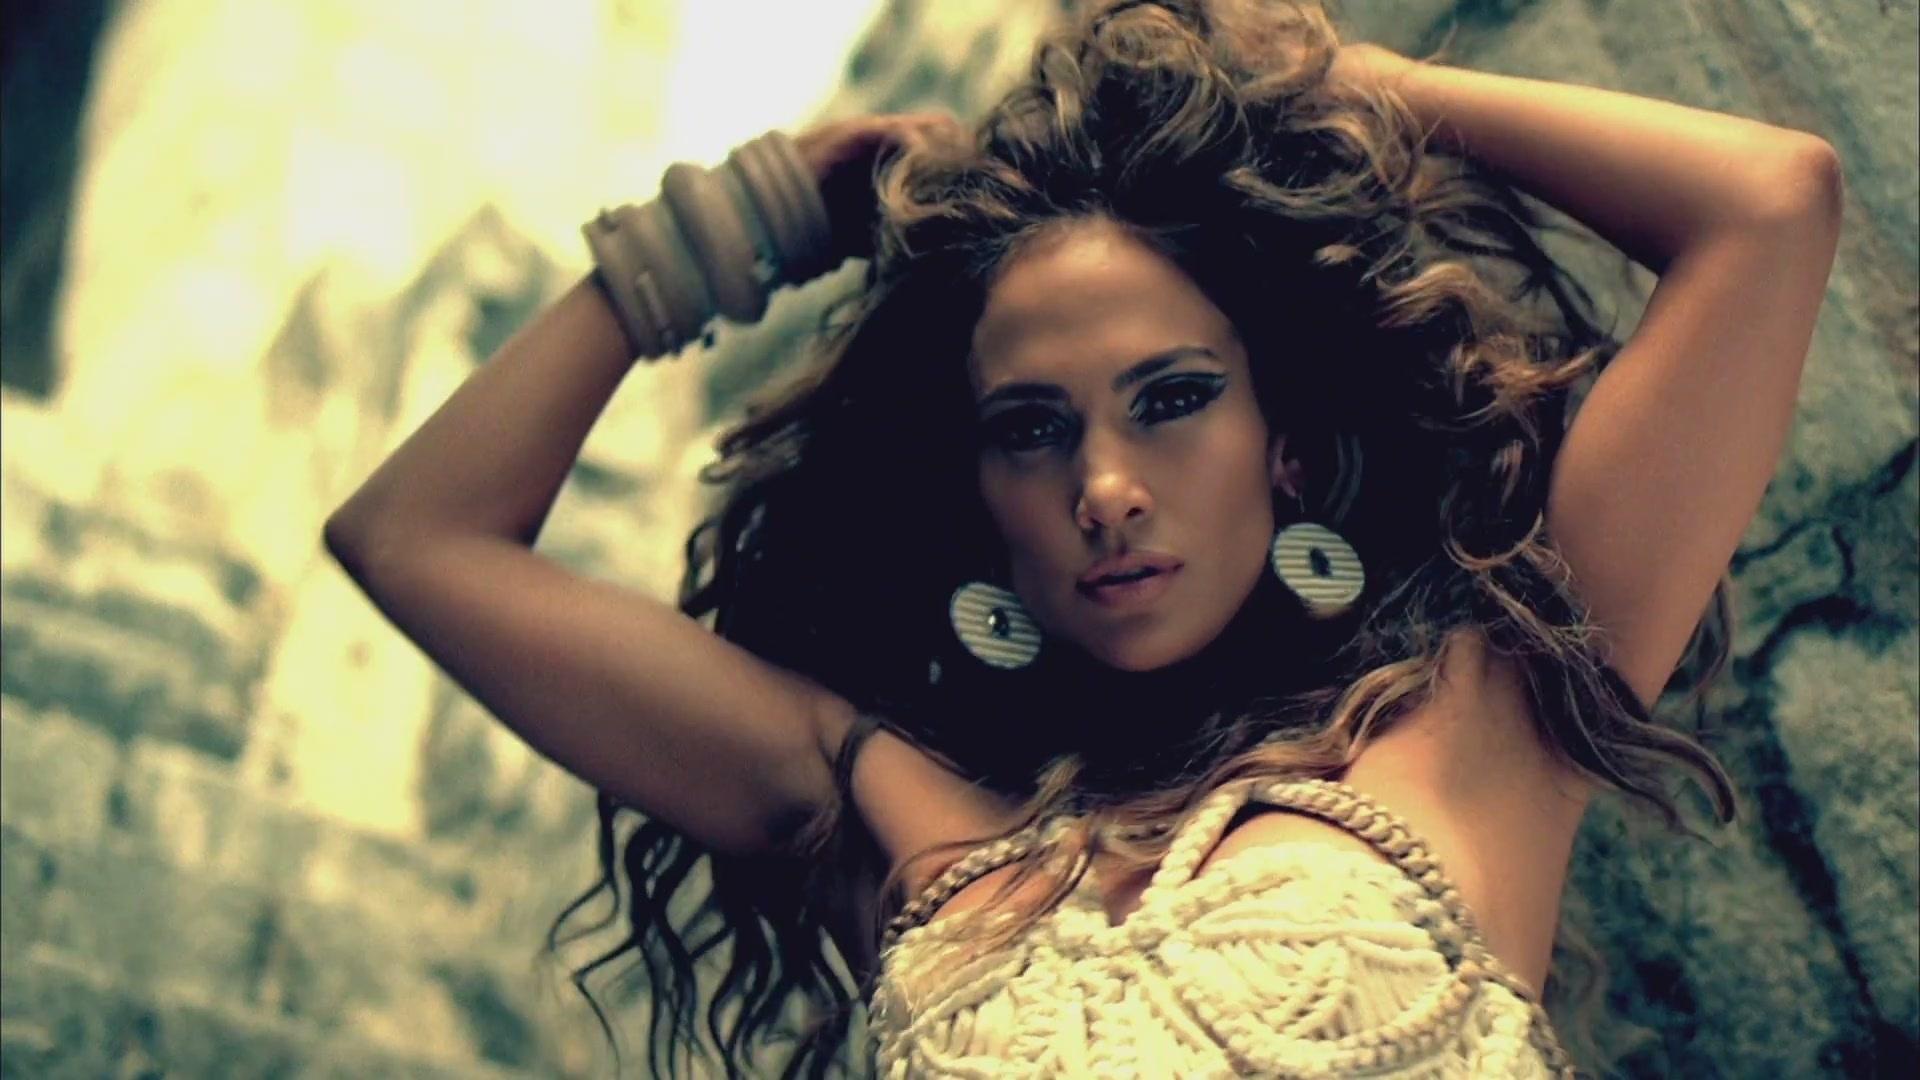 Jennifer-Lopez-I-m-Into-You-Music-Video-jennifer-lopez-22115532-1920-1080